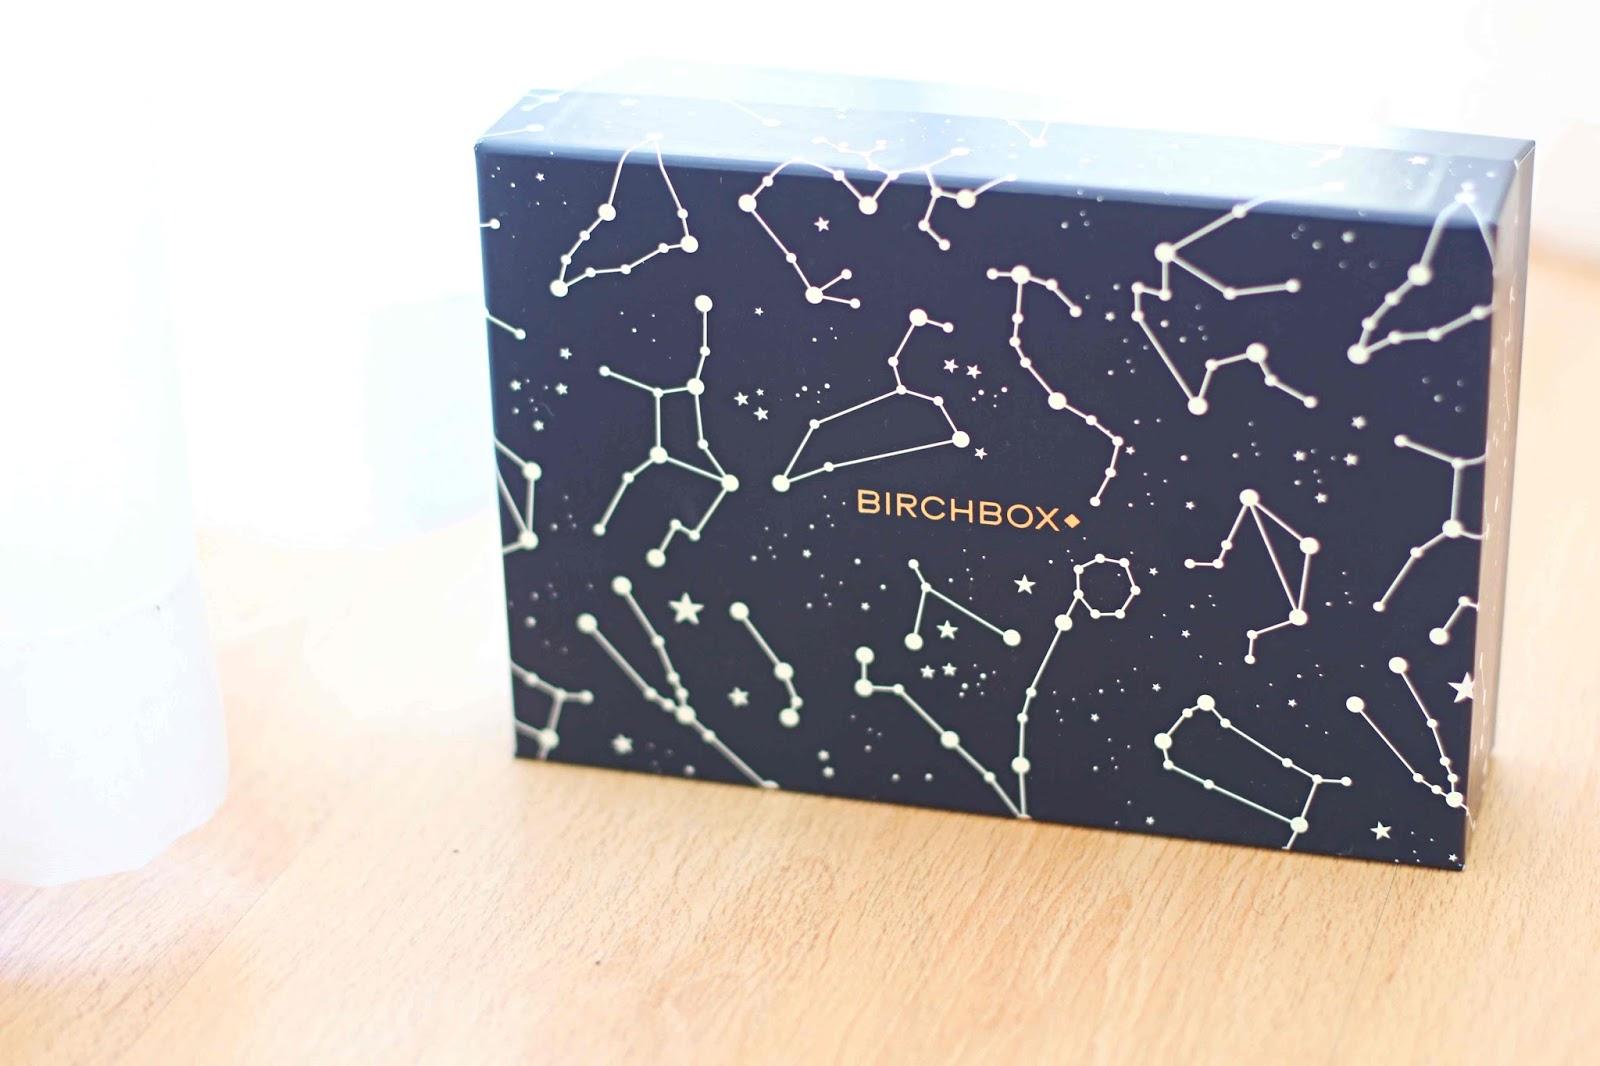 birchbox à la belle étoile